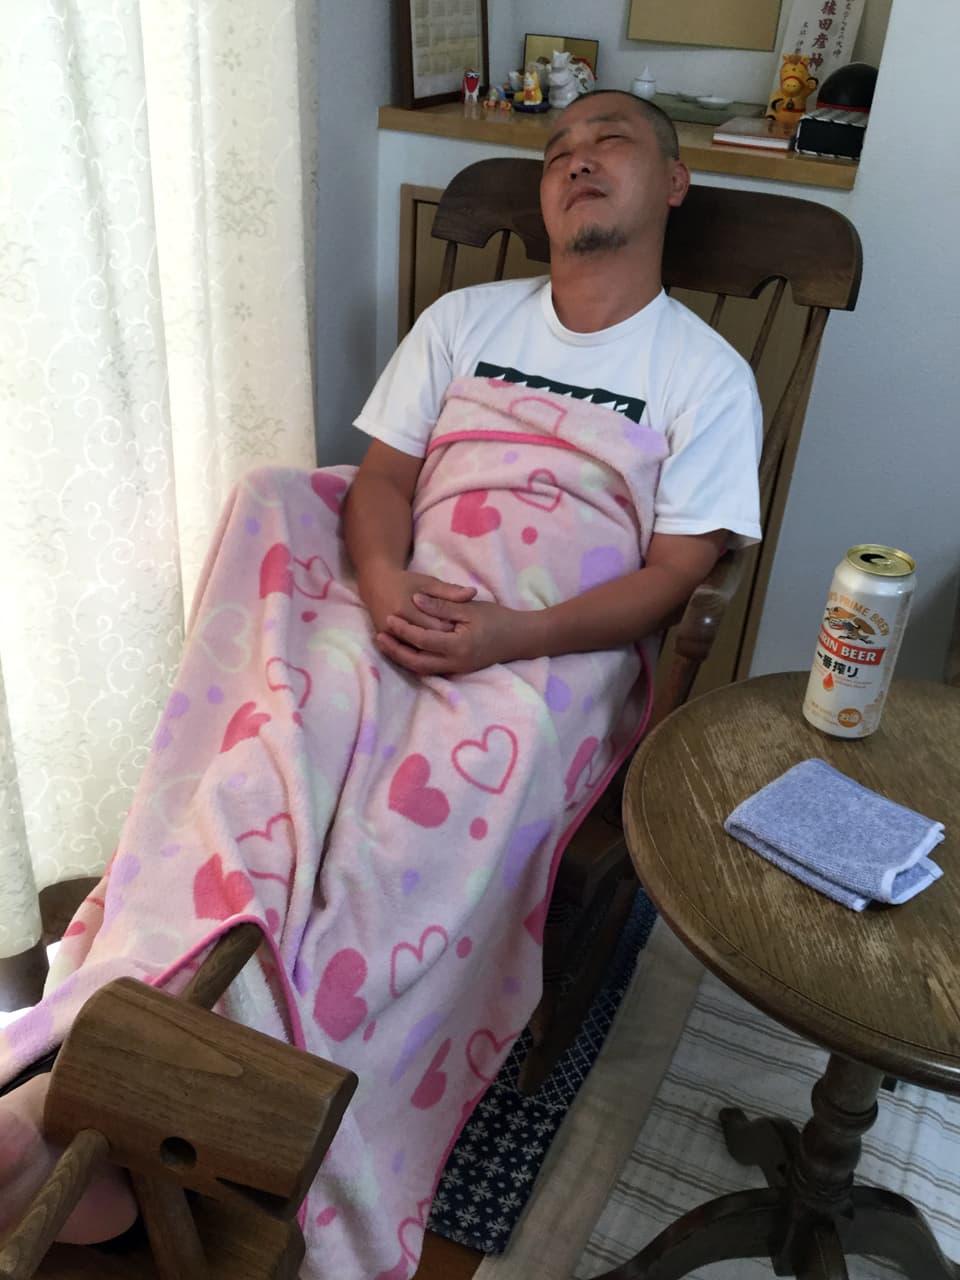 椅子の上でピンクのタオルケットをかけて寝ている竹内の様子